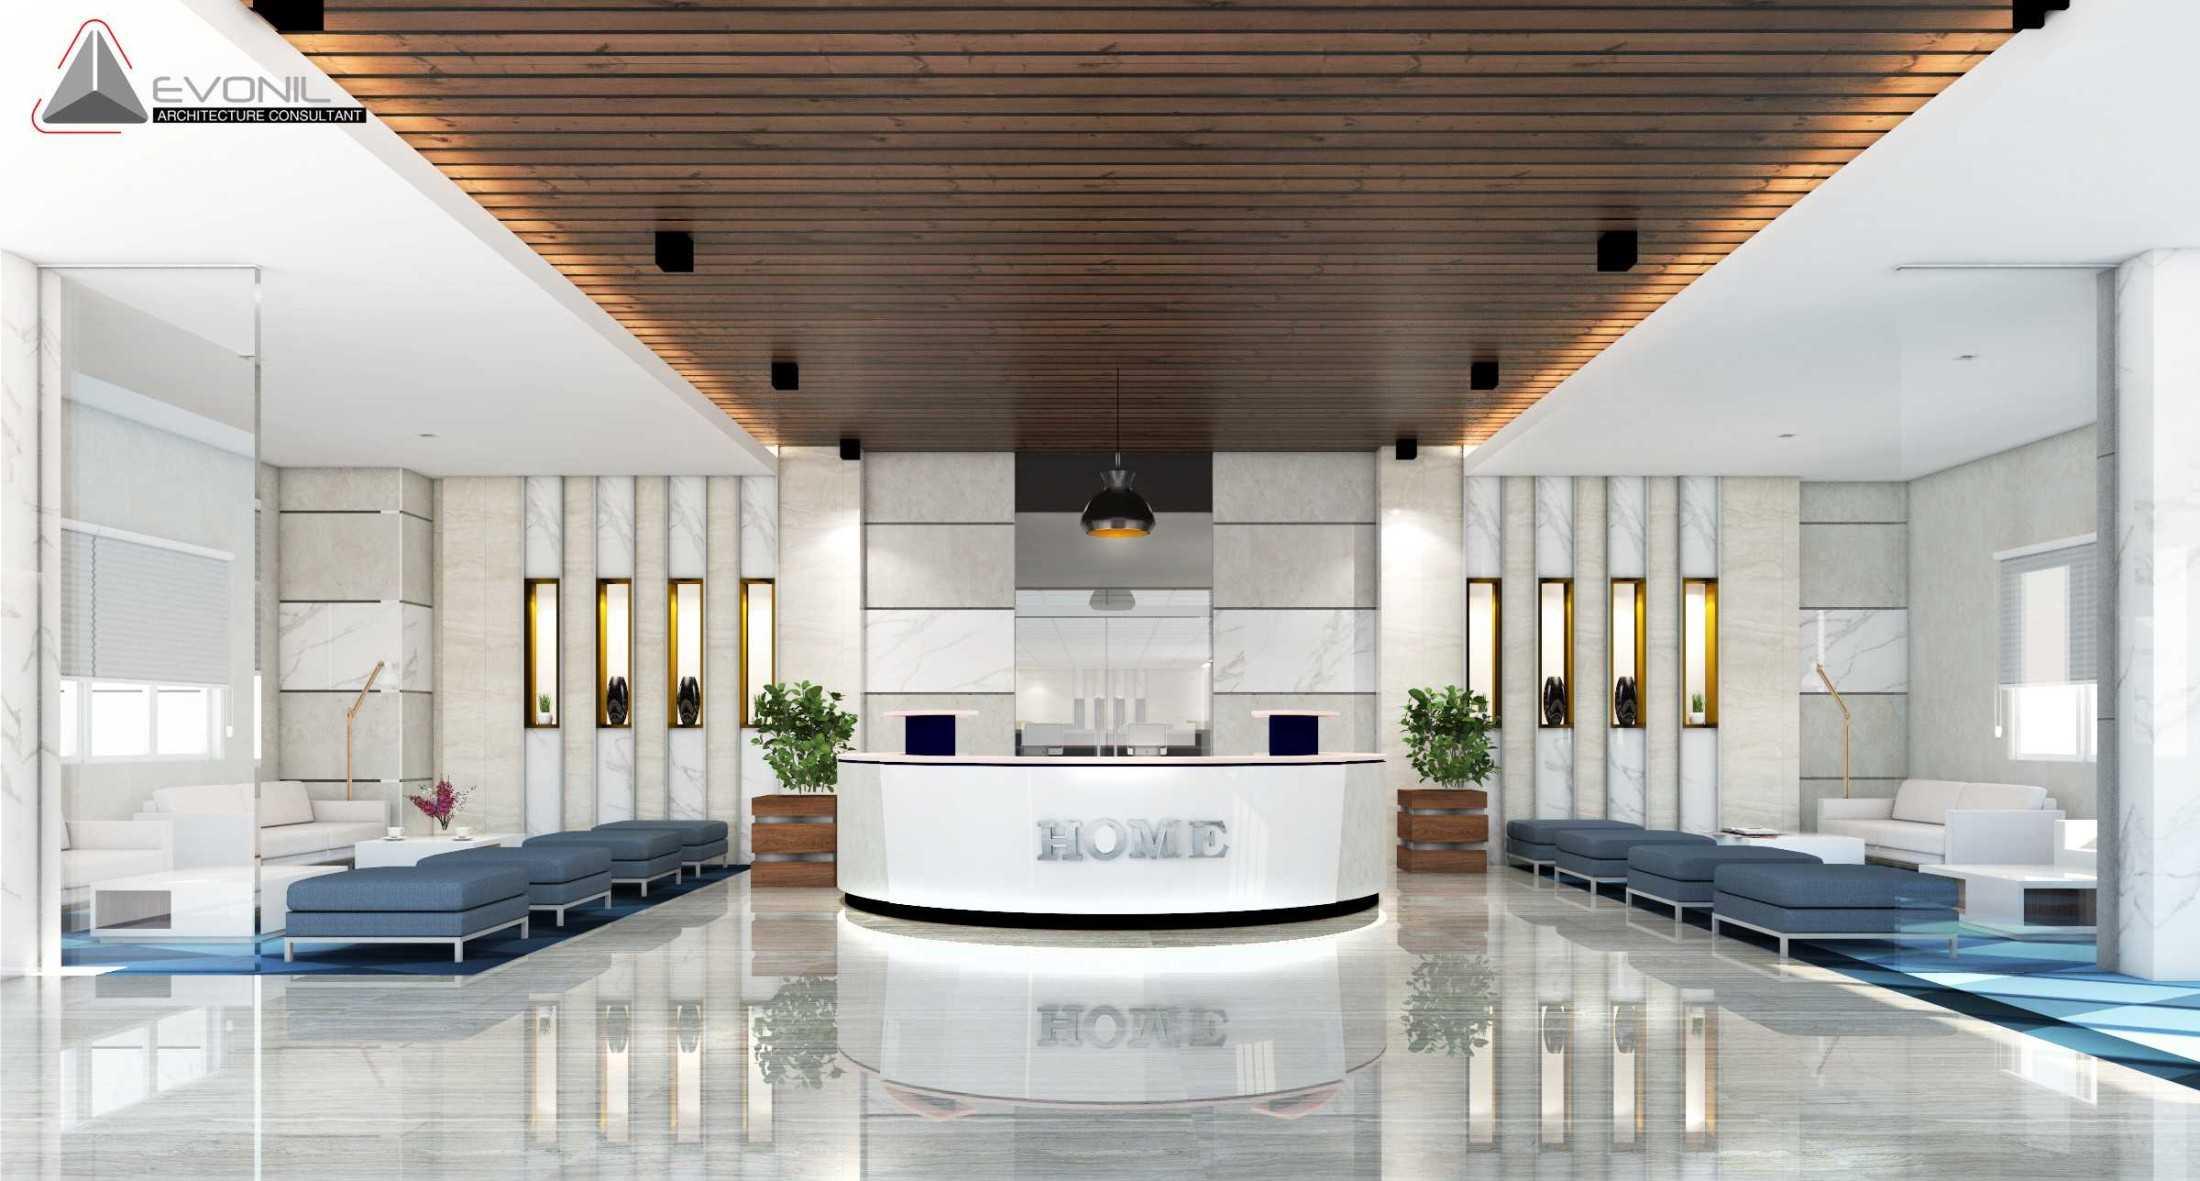 Evonil Architecture Gbi Batam Church Batam, Kota Batam, Kepulauan Riau, Indonesia Batam, Kota Batam, Kepulauan Riau, Indonesia Evonil-Architecture-Gbi-Batam-Church  78036